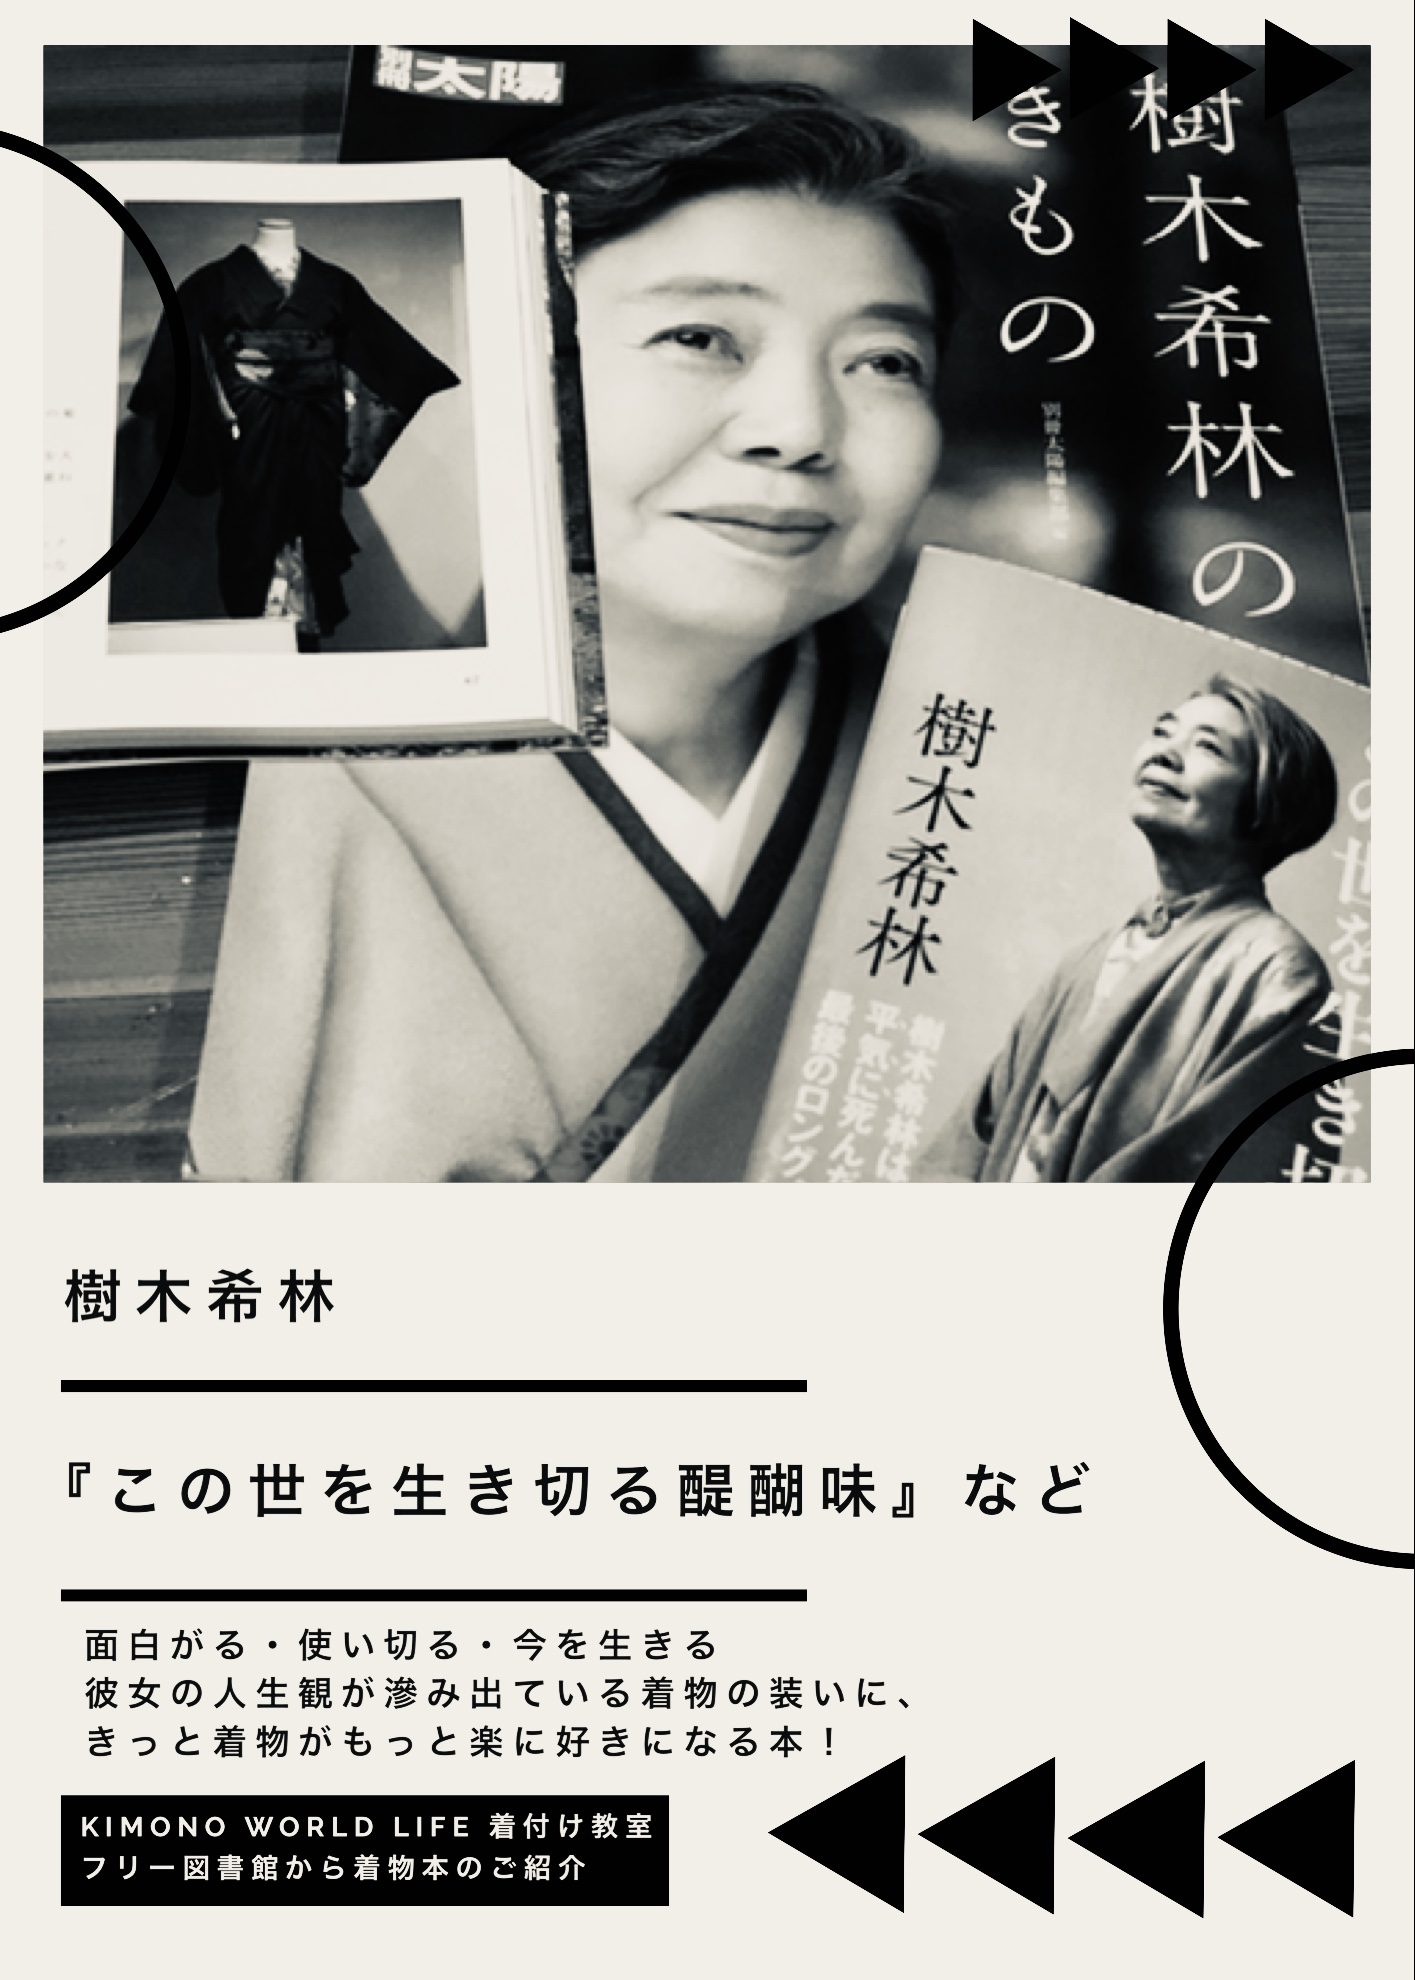 きもの本紹介 キモノワールドライフ図書館 樹木希林